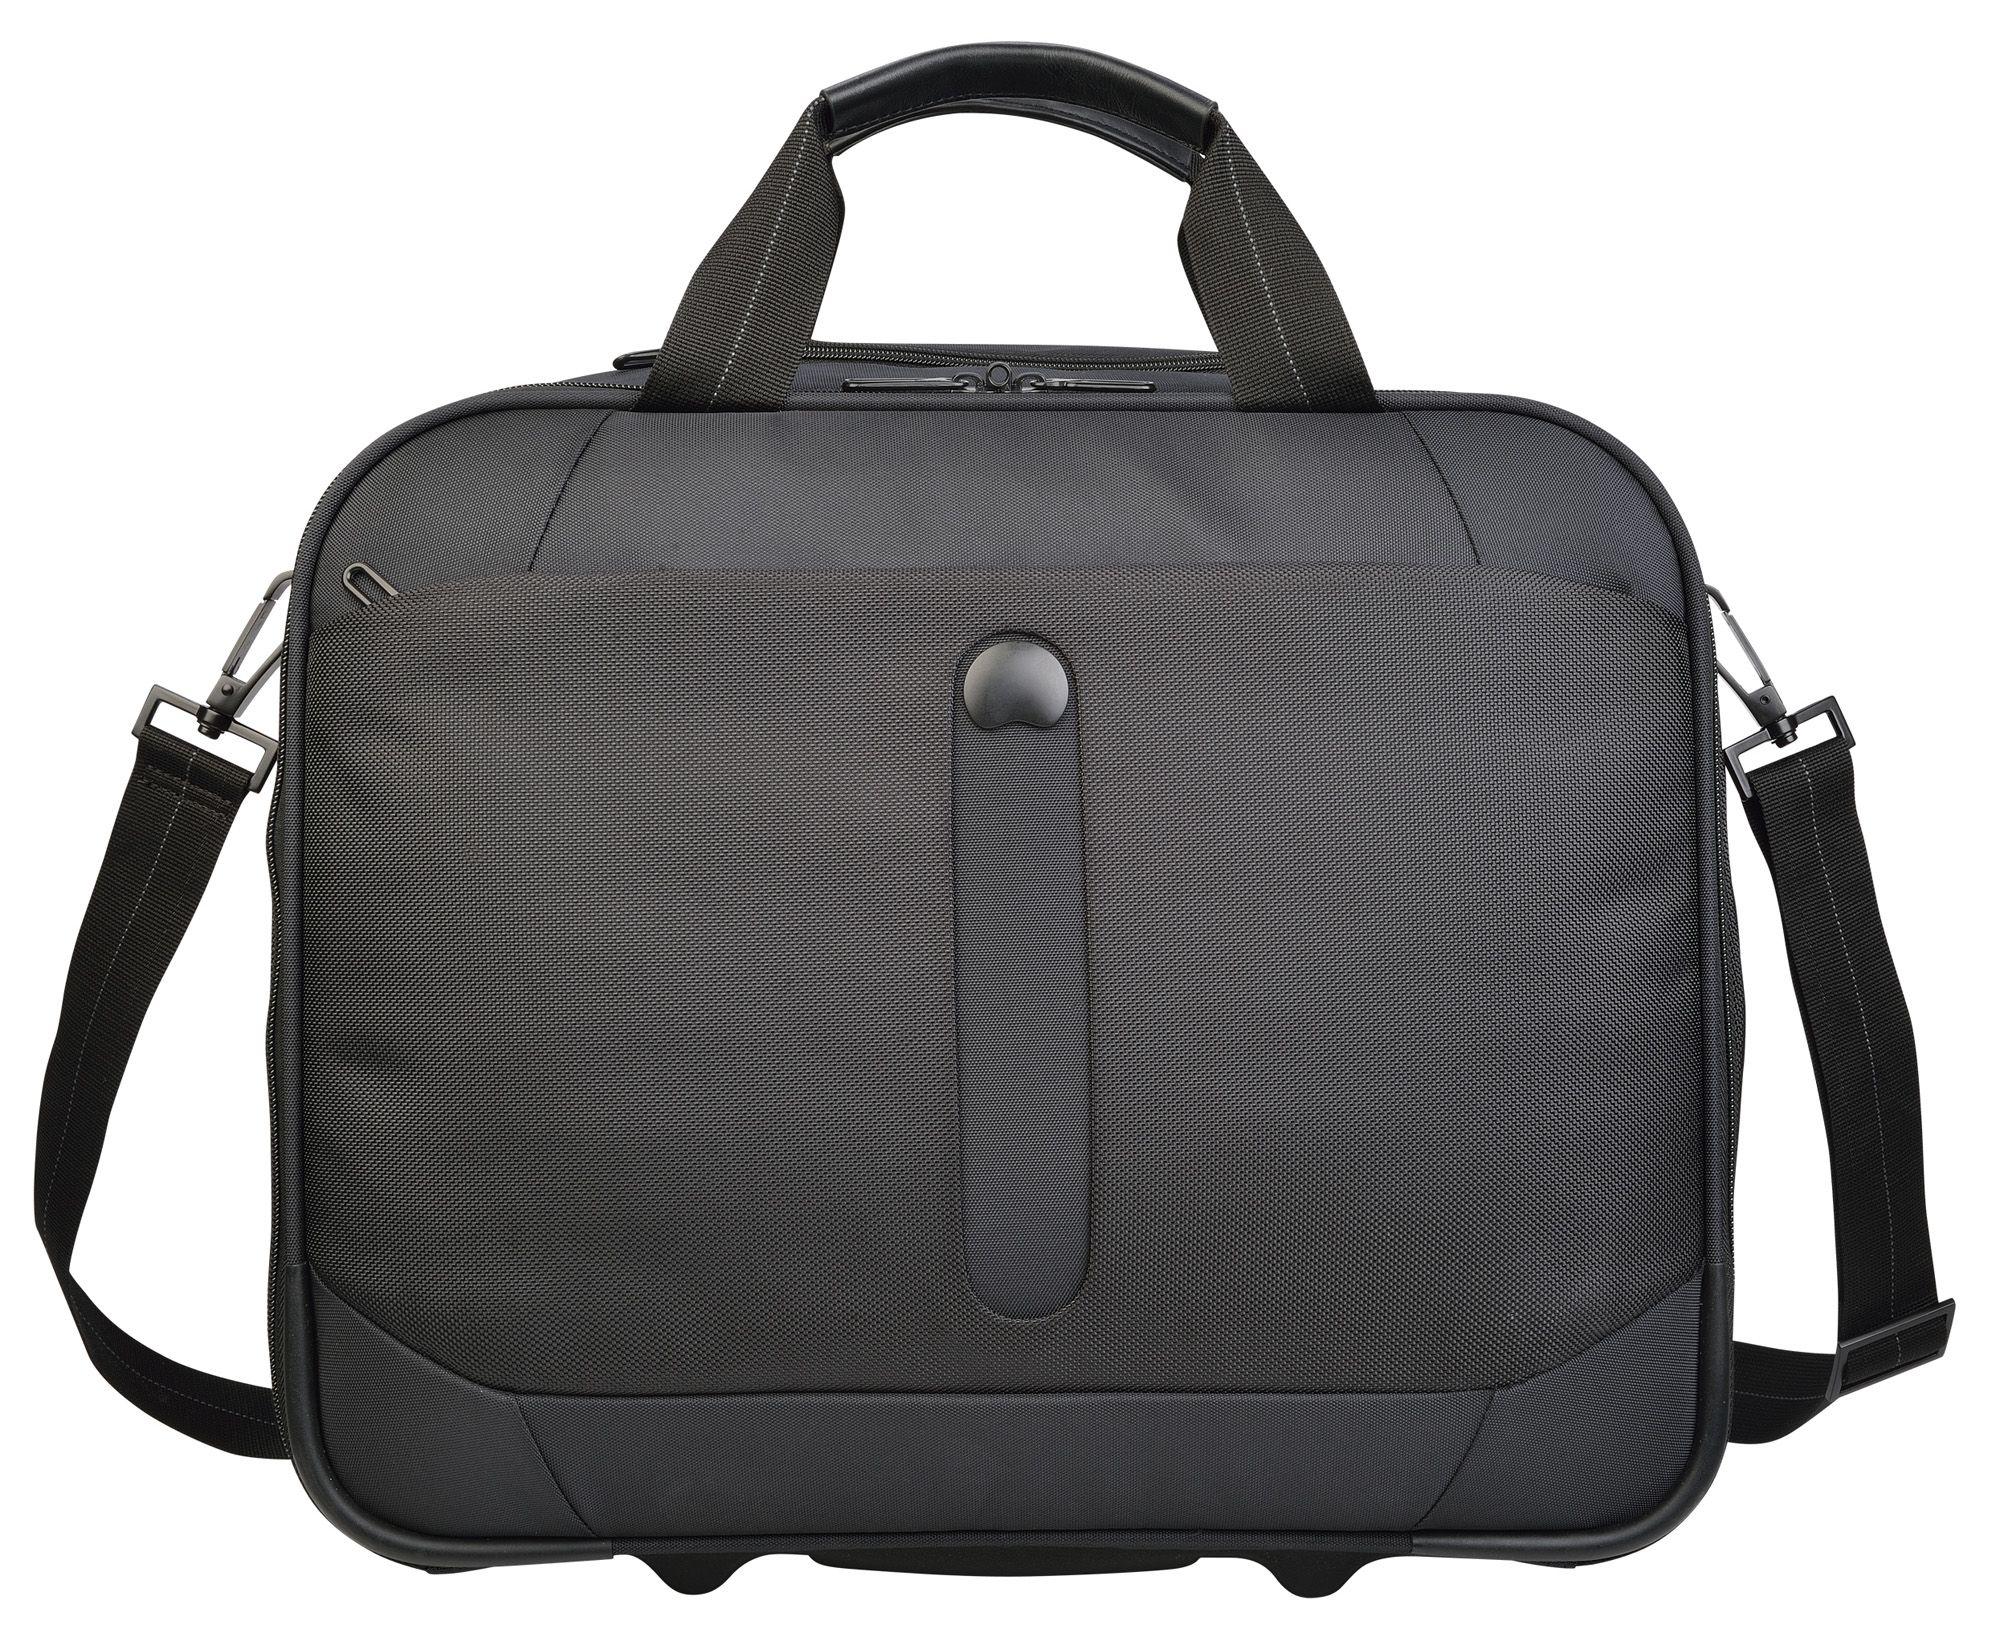 DELSEY  Business Trolley mit 2 Rollen und 14-Zoll Laptopfach, »Bellecour«